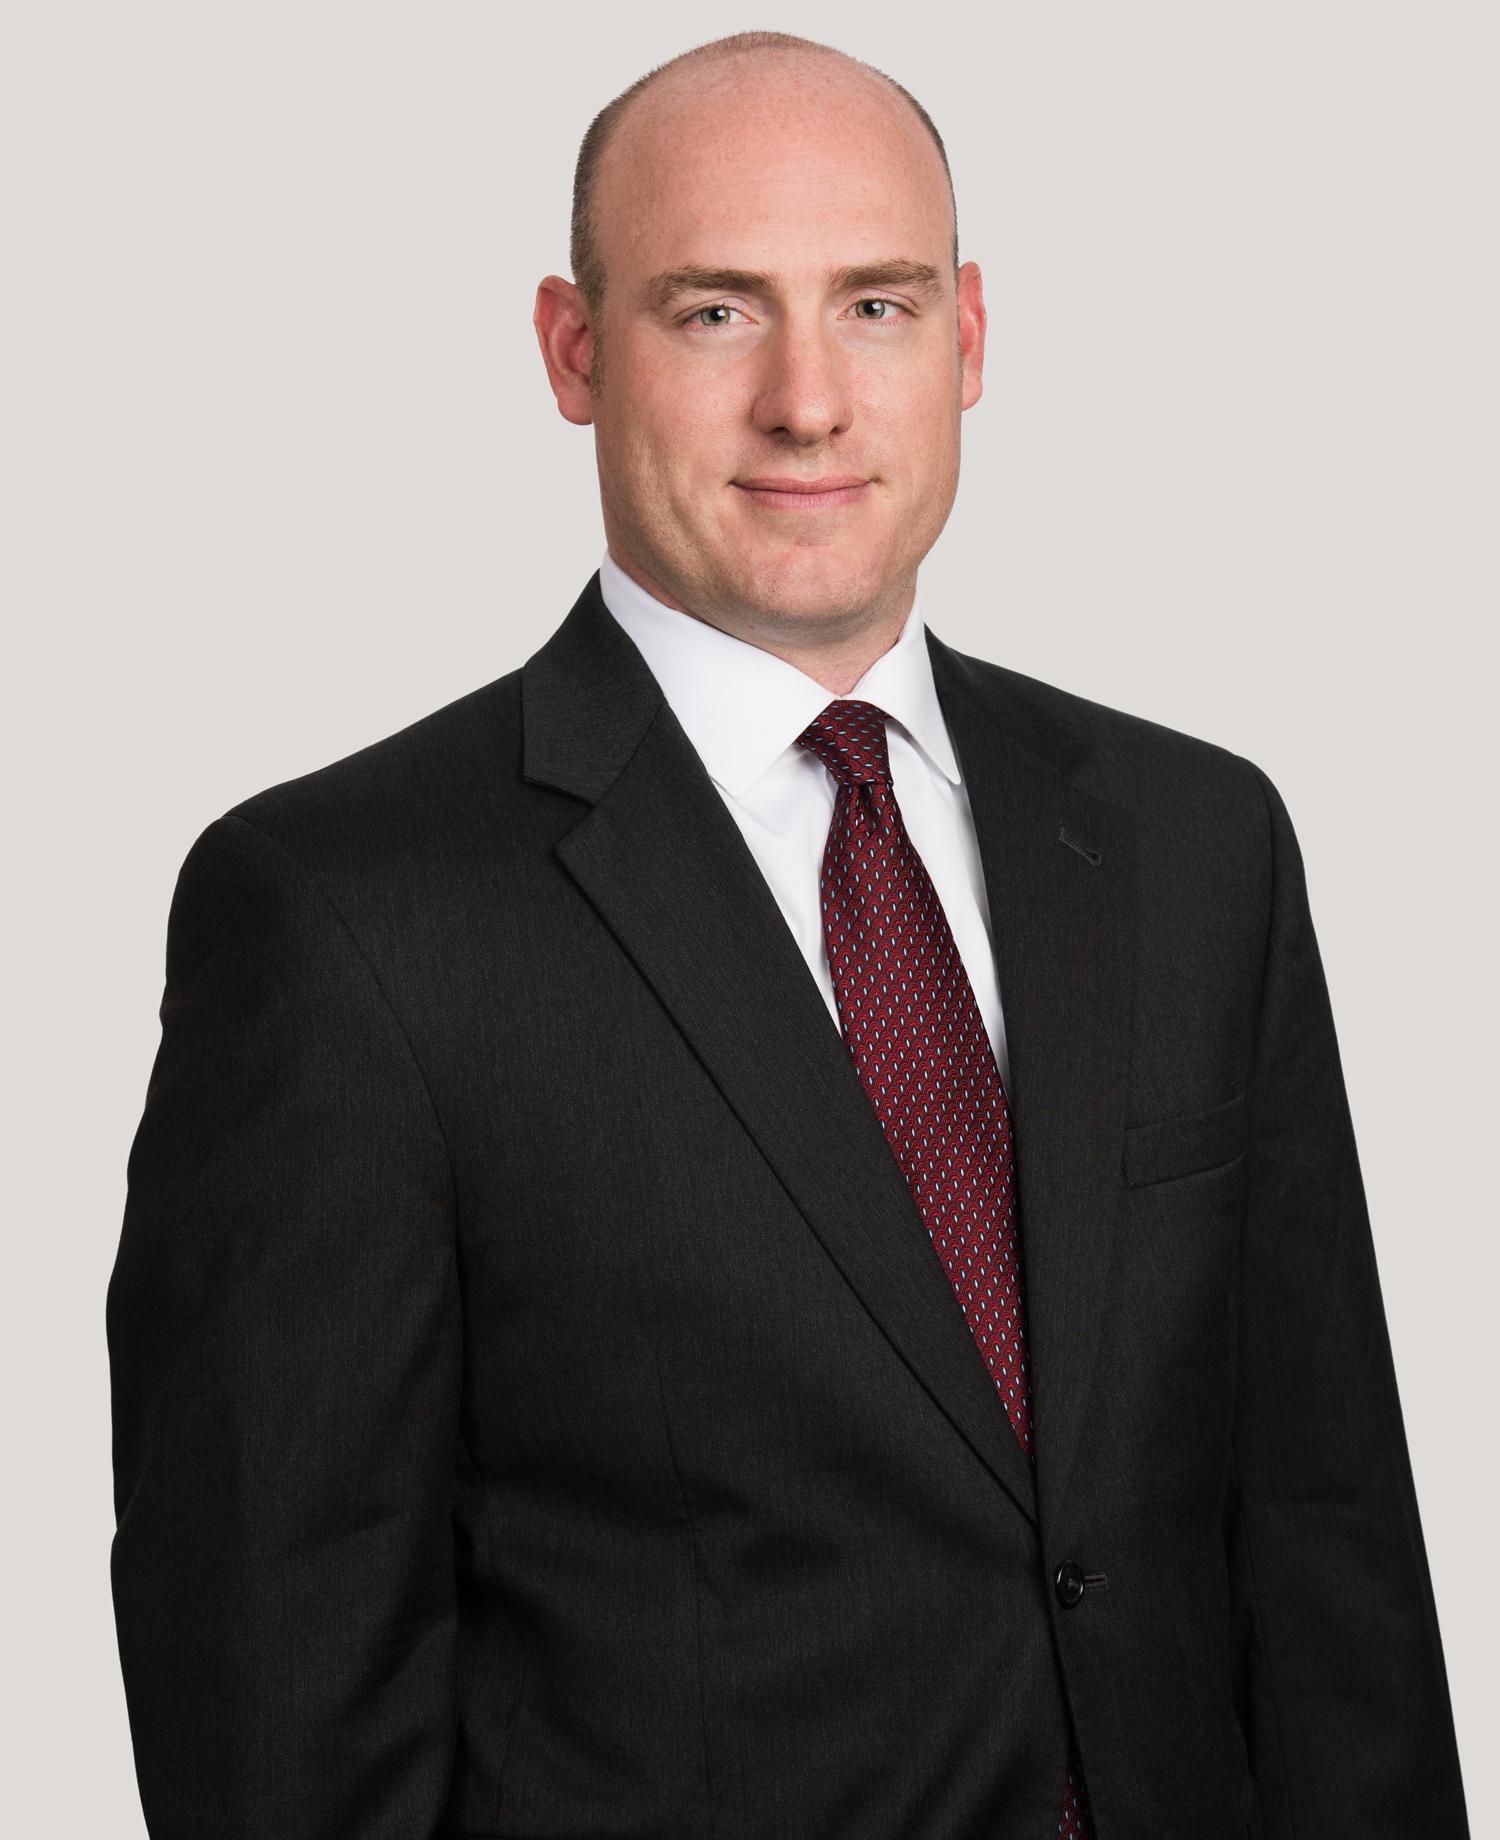 Jon David D. Langlois